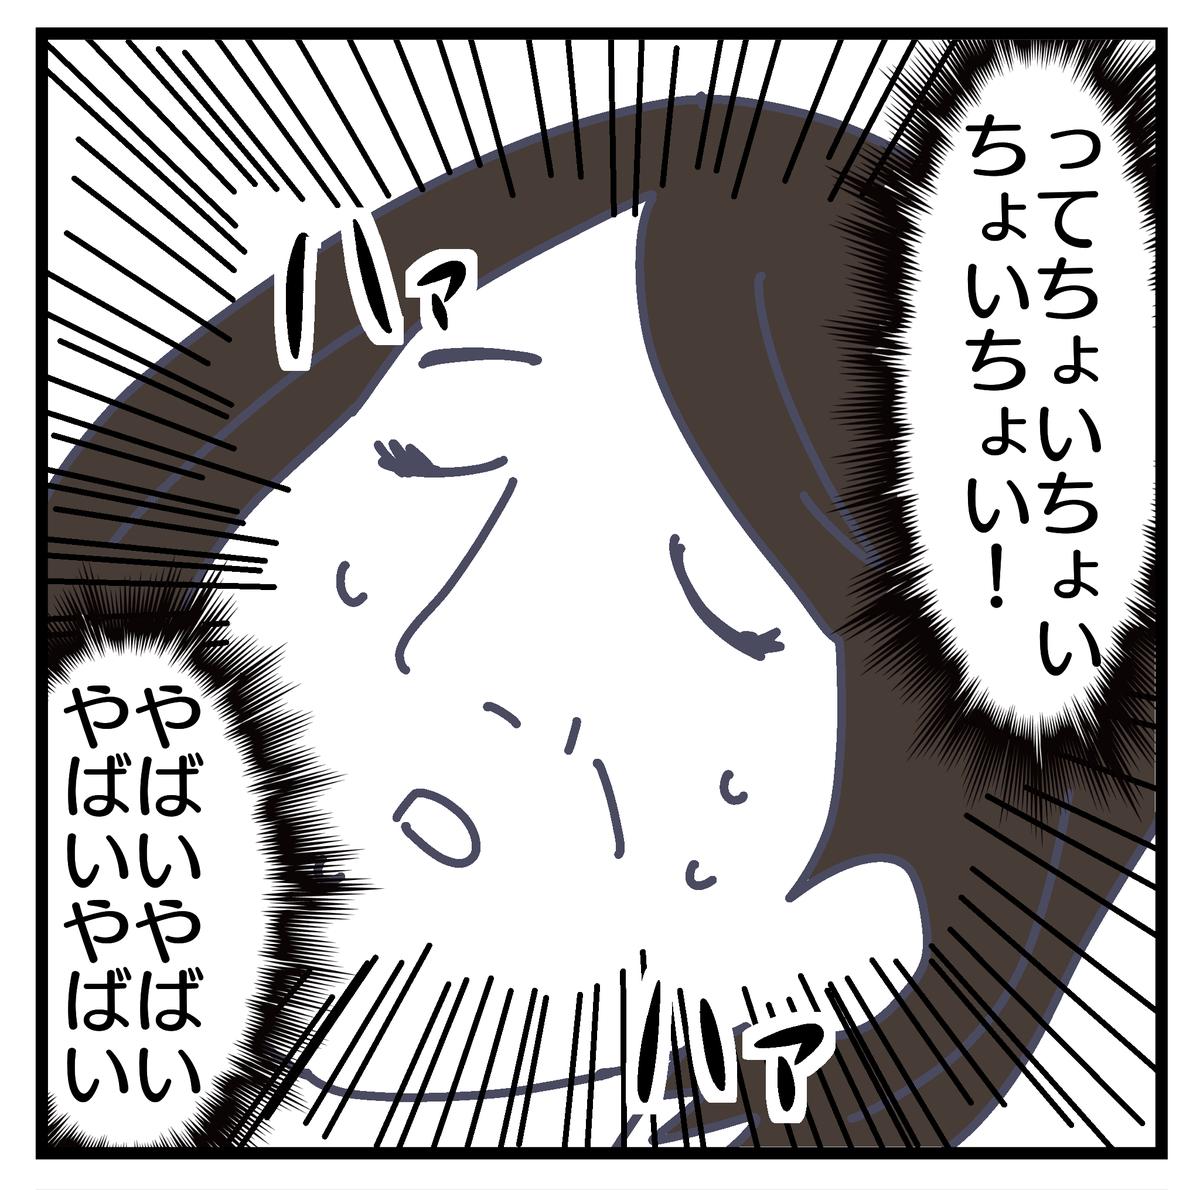 f:id:YuruFuwaTa:20200525155434p:plain